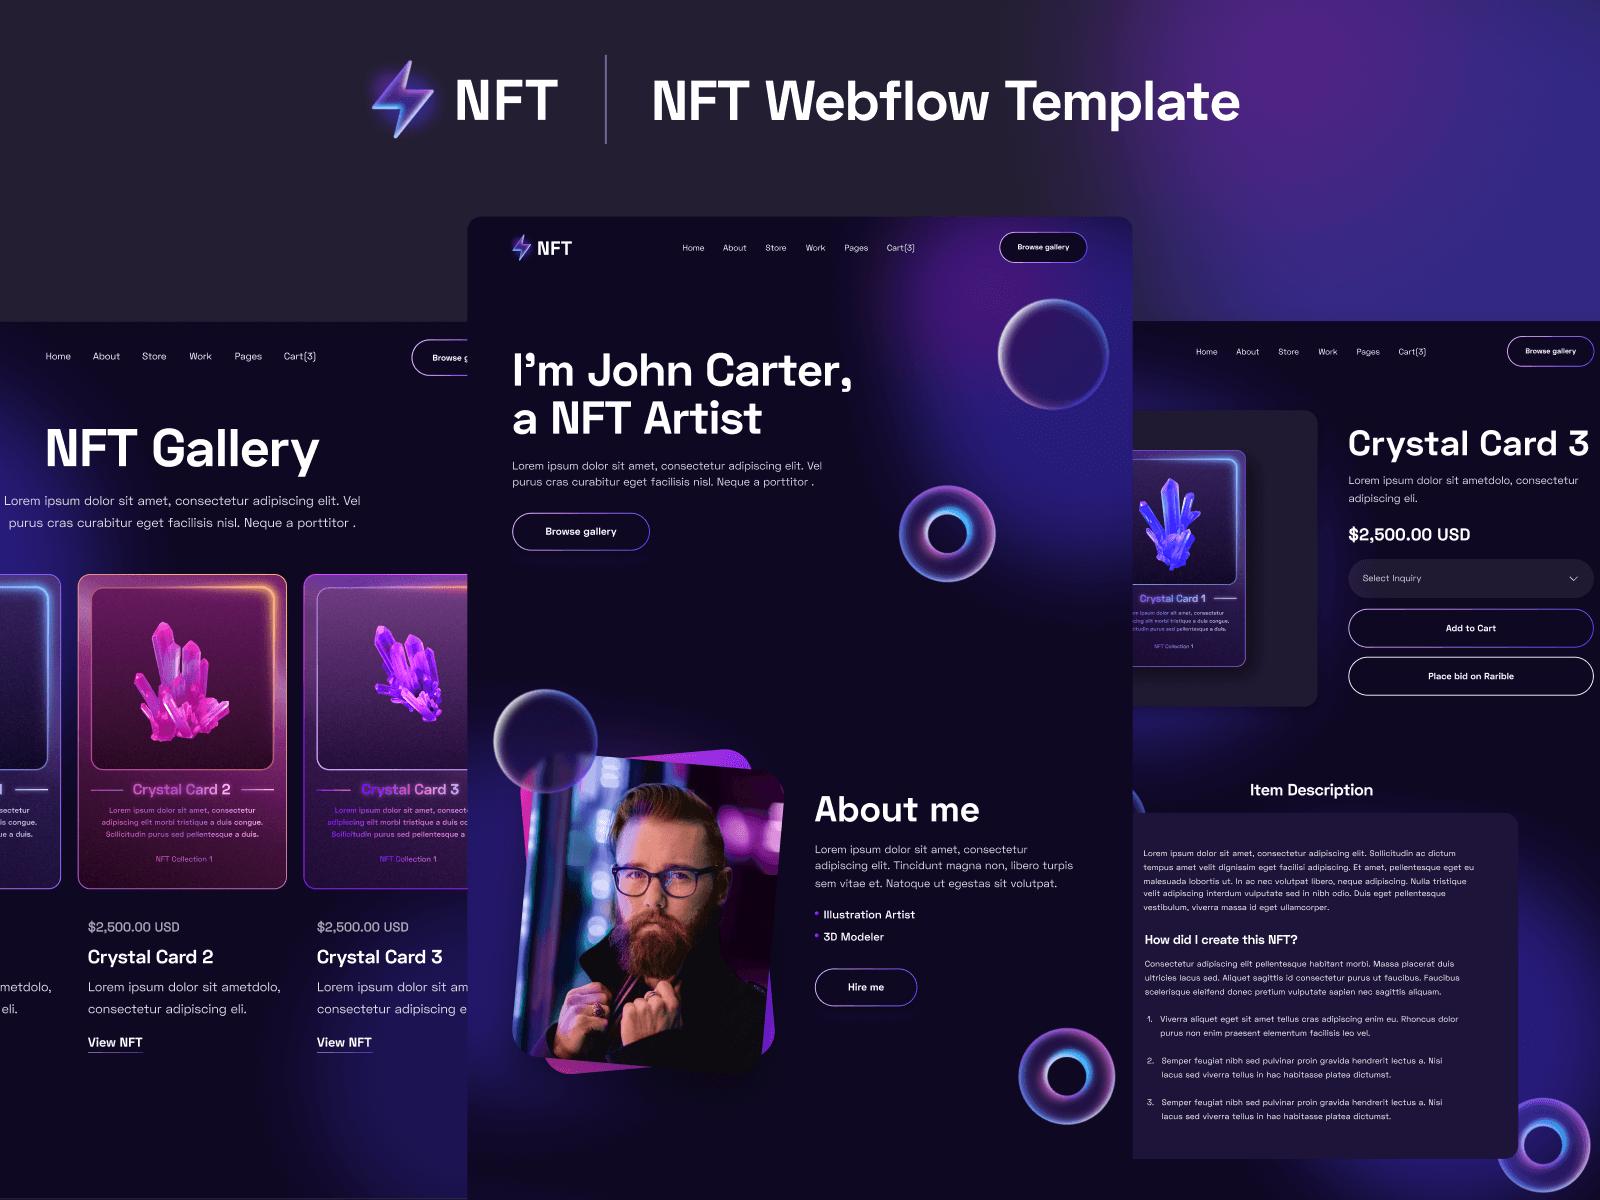 NFT Webflow Template